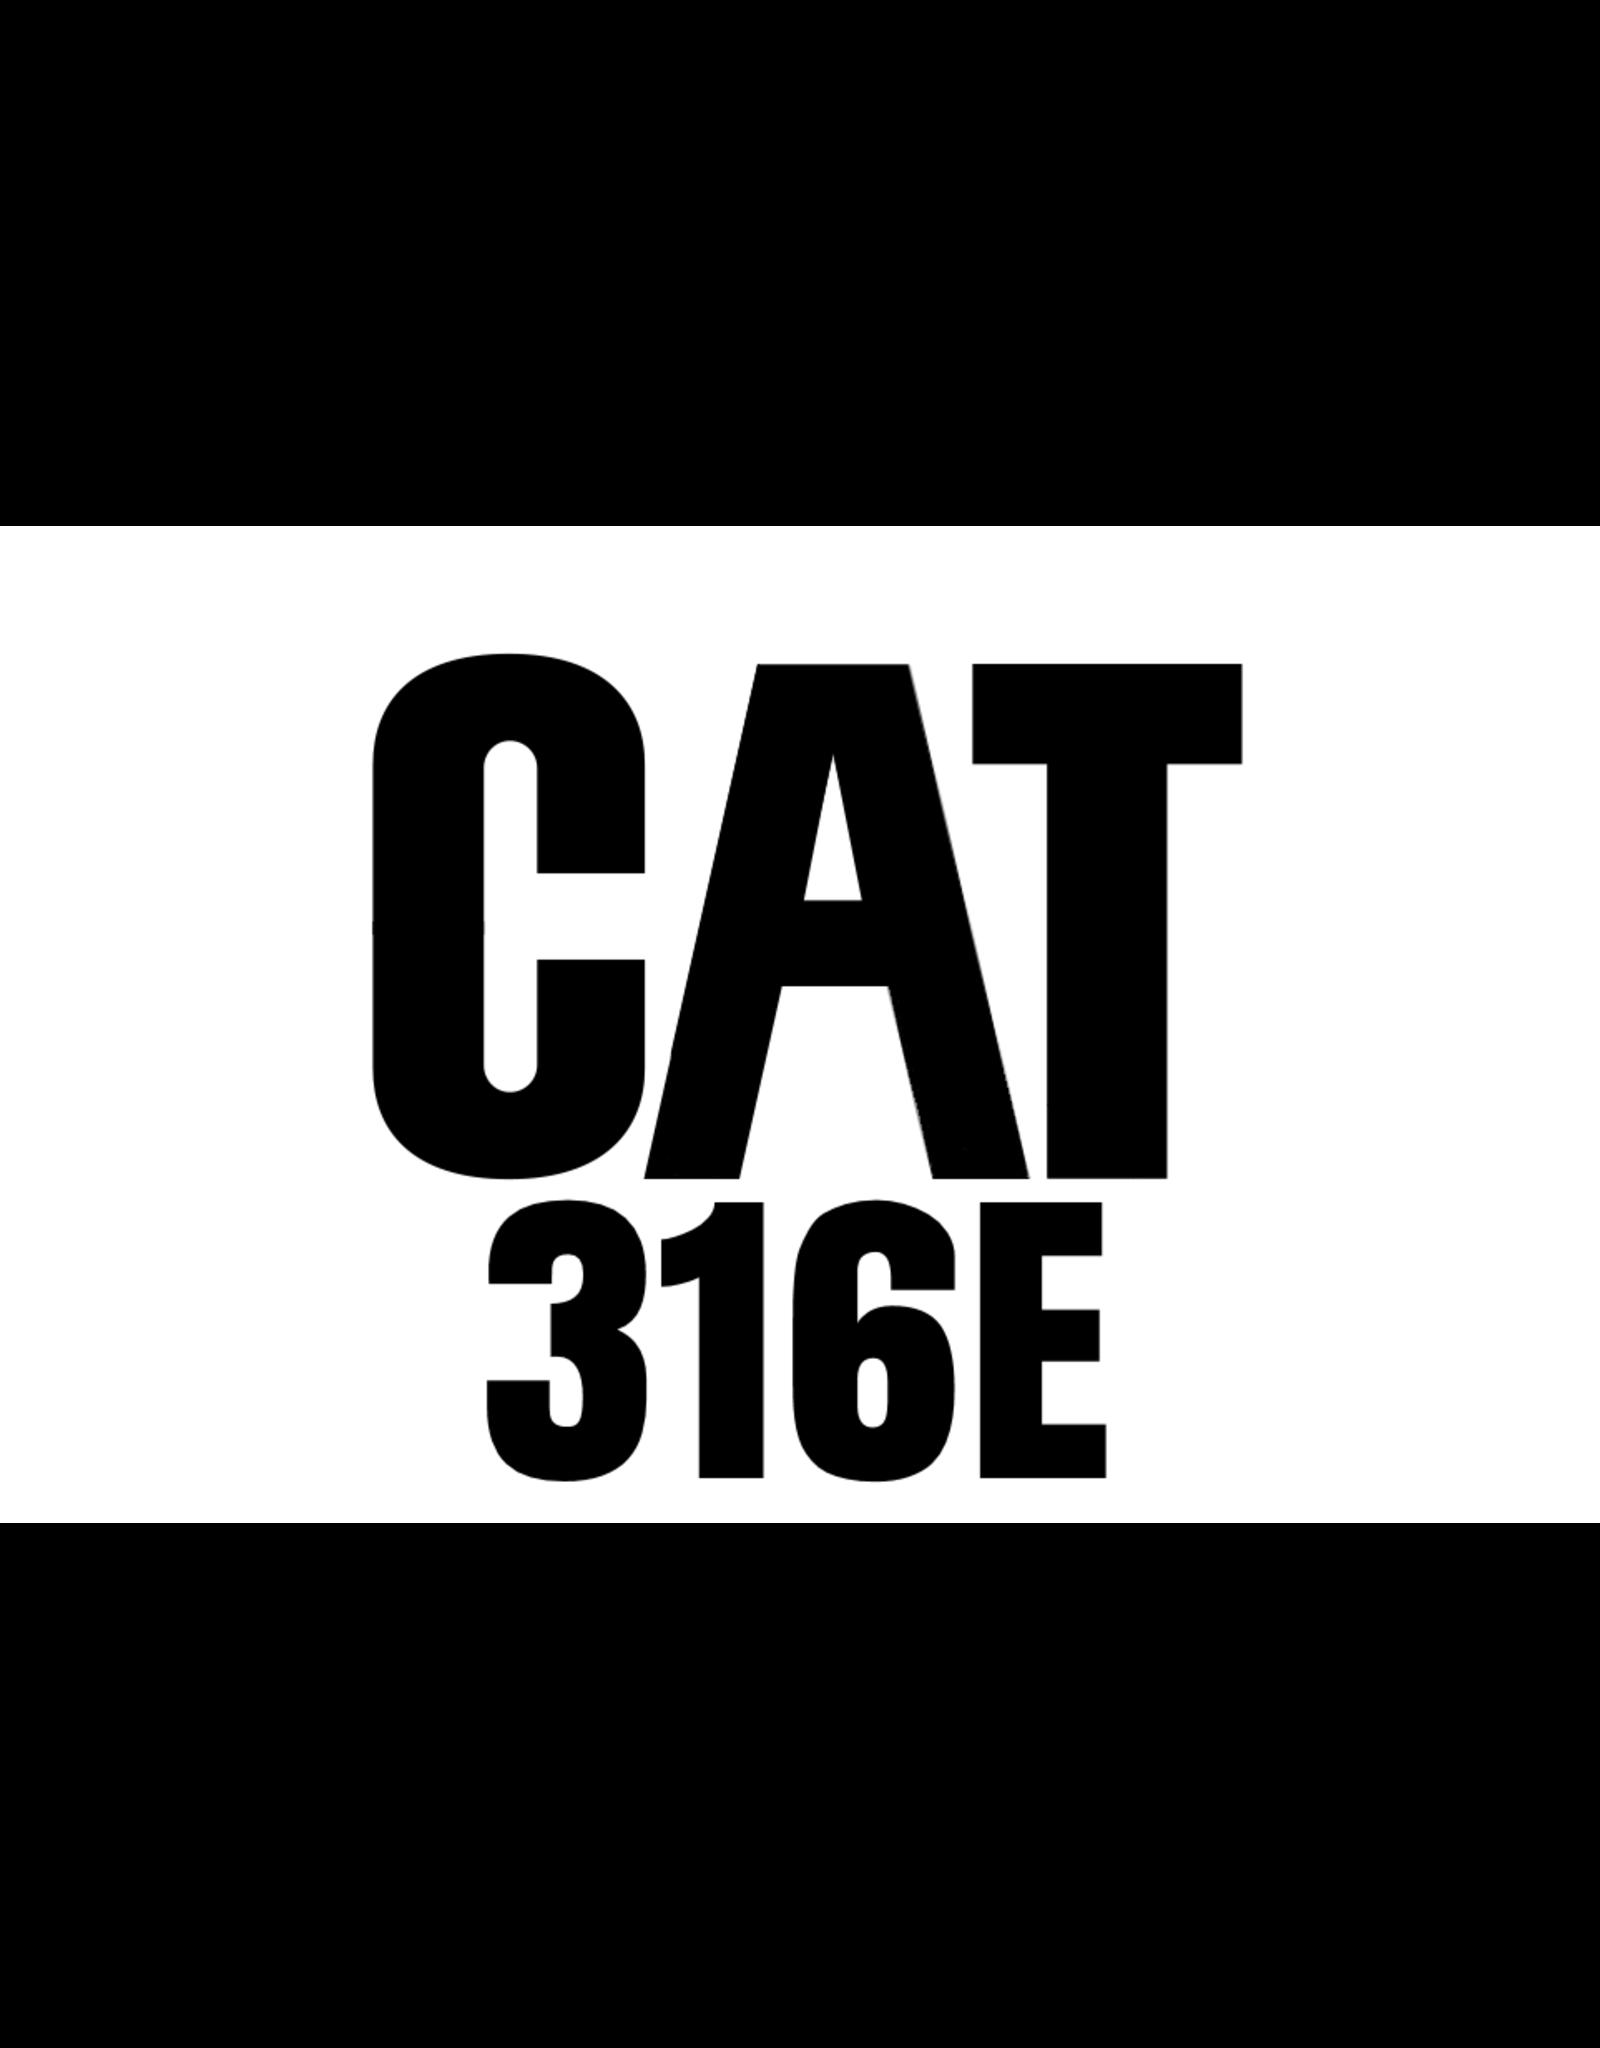 Echle Hartstahl GmbH FOPS pour CAT 316E